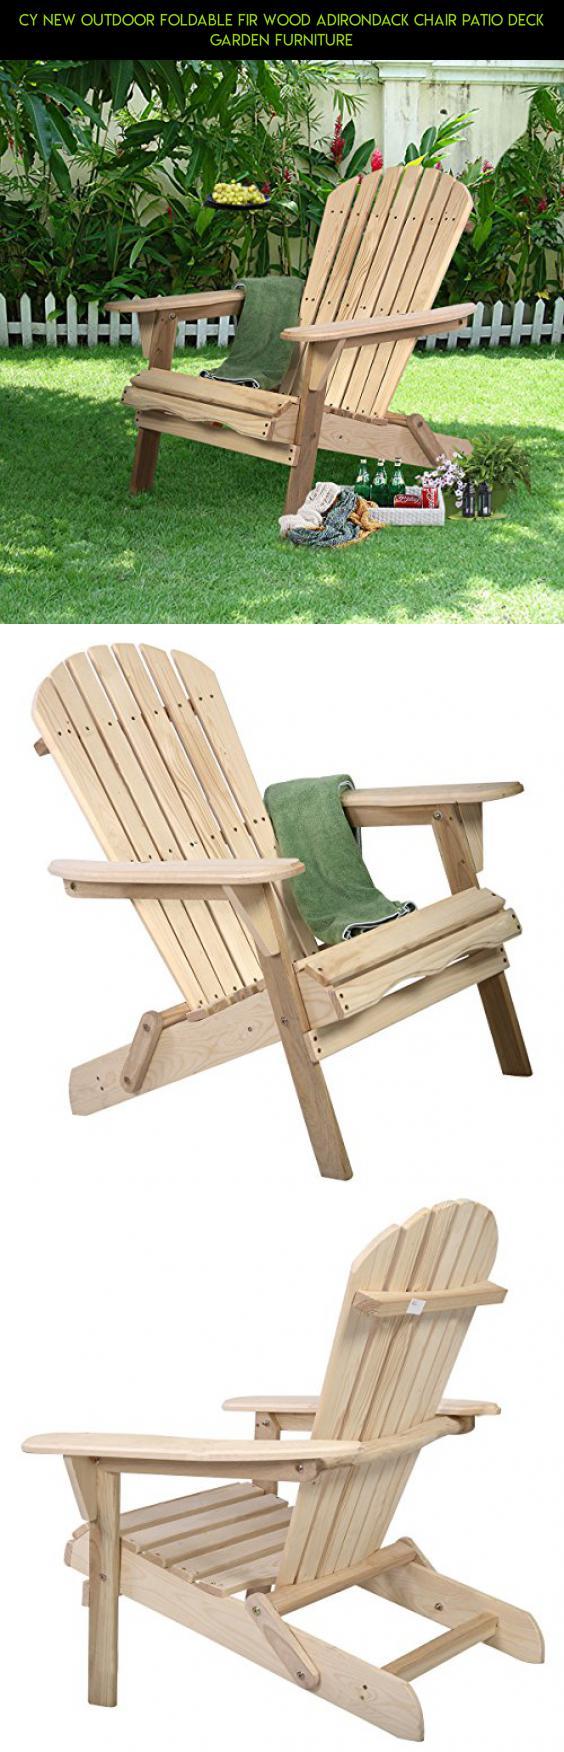 CY New Outdoor Foldable Fir Wood Adirondack Chair Patio Deck Garden  Furniture #gadgets #tech